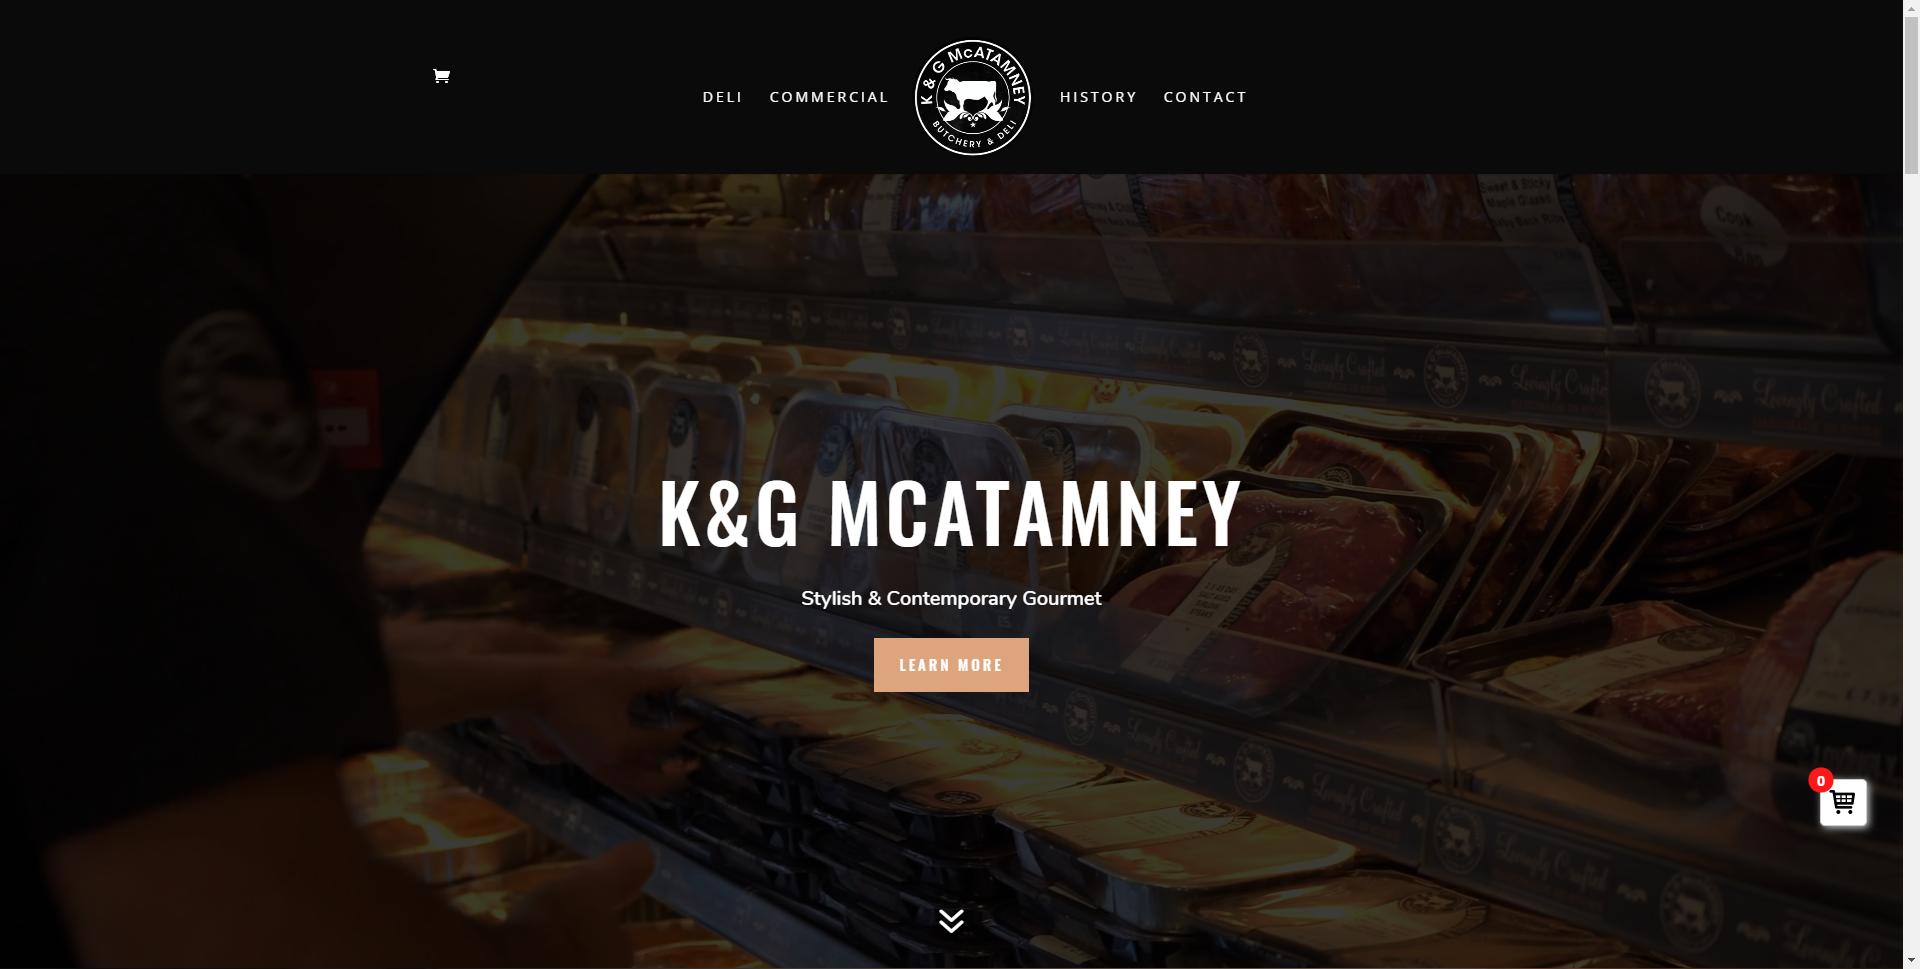 kgmcatamney.com Websites